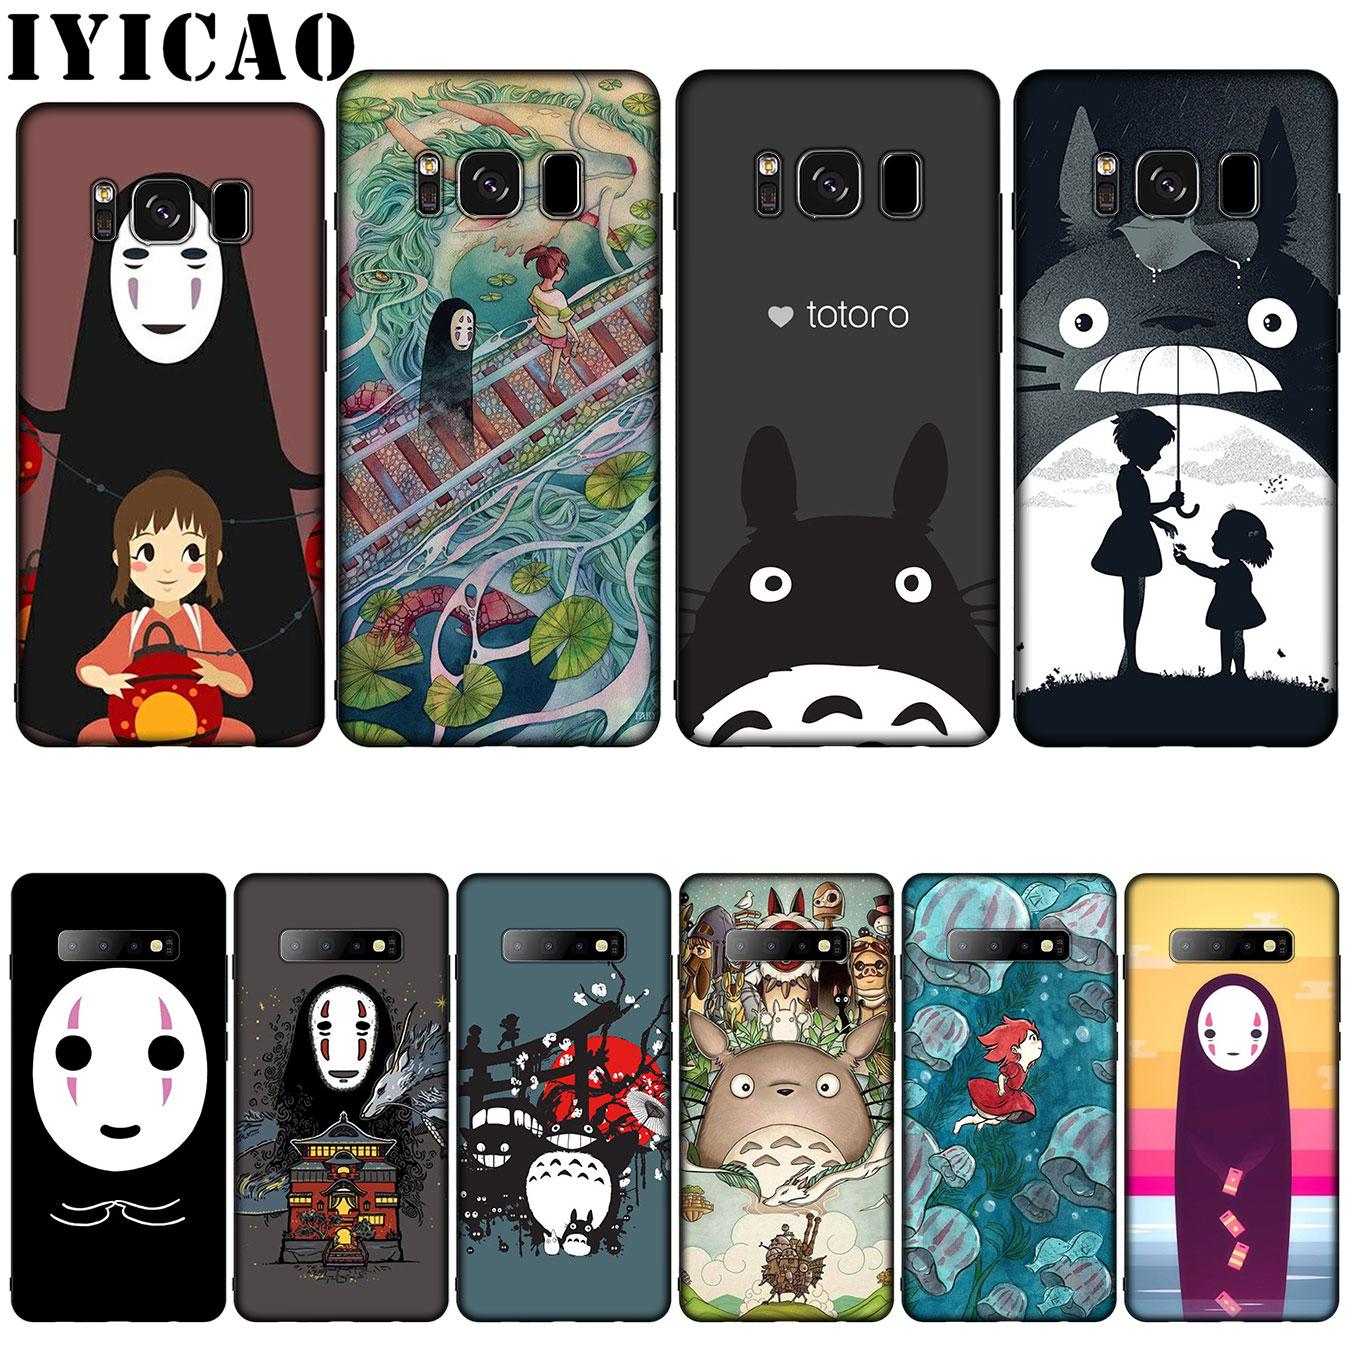 Totoro Chihiro Ghibli Miyazaki Anime de silicona suave funda para Samsung Galaxy S20 S10 S9 S8 Plus Lite Ultra S6 S7 borde S10e E